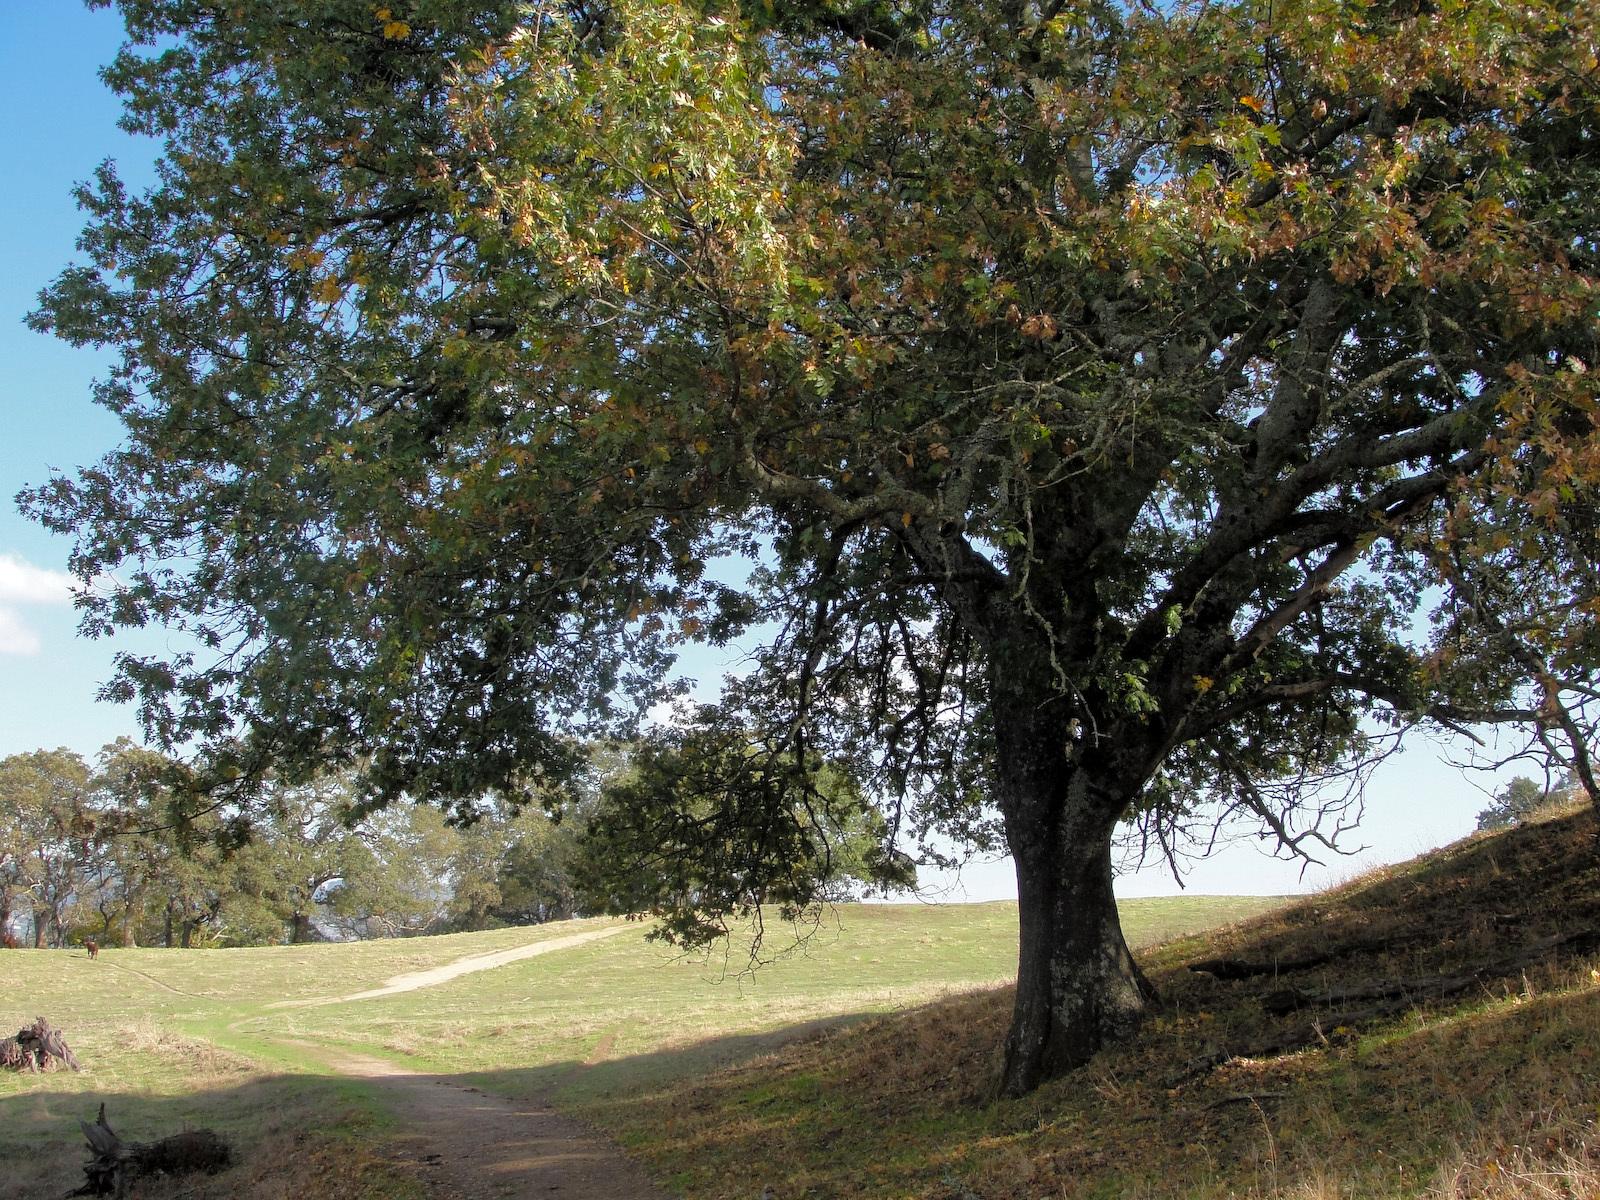 Image of California black oak